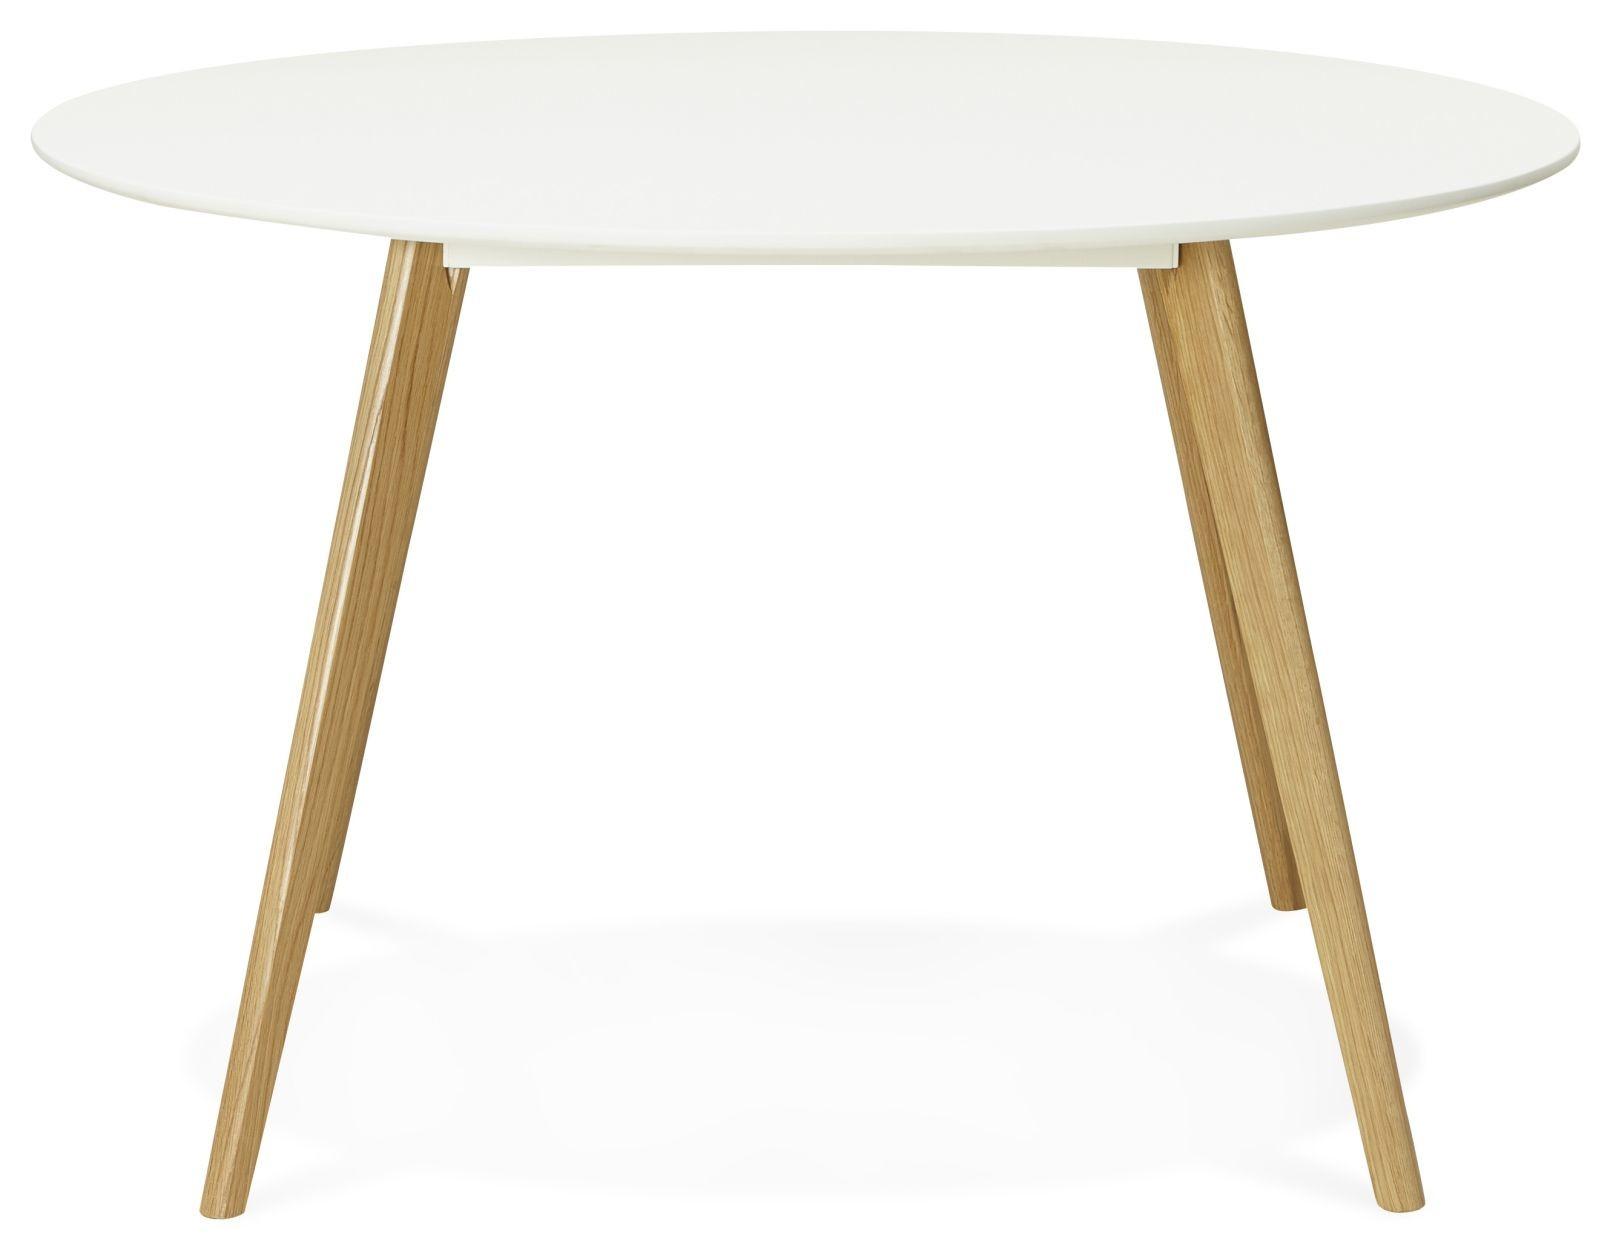 24Designs Ronde Eettafel Lilly -Ø120x75 - Wit Tafelblad - Eiken Poten